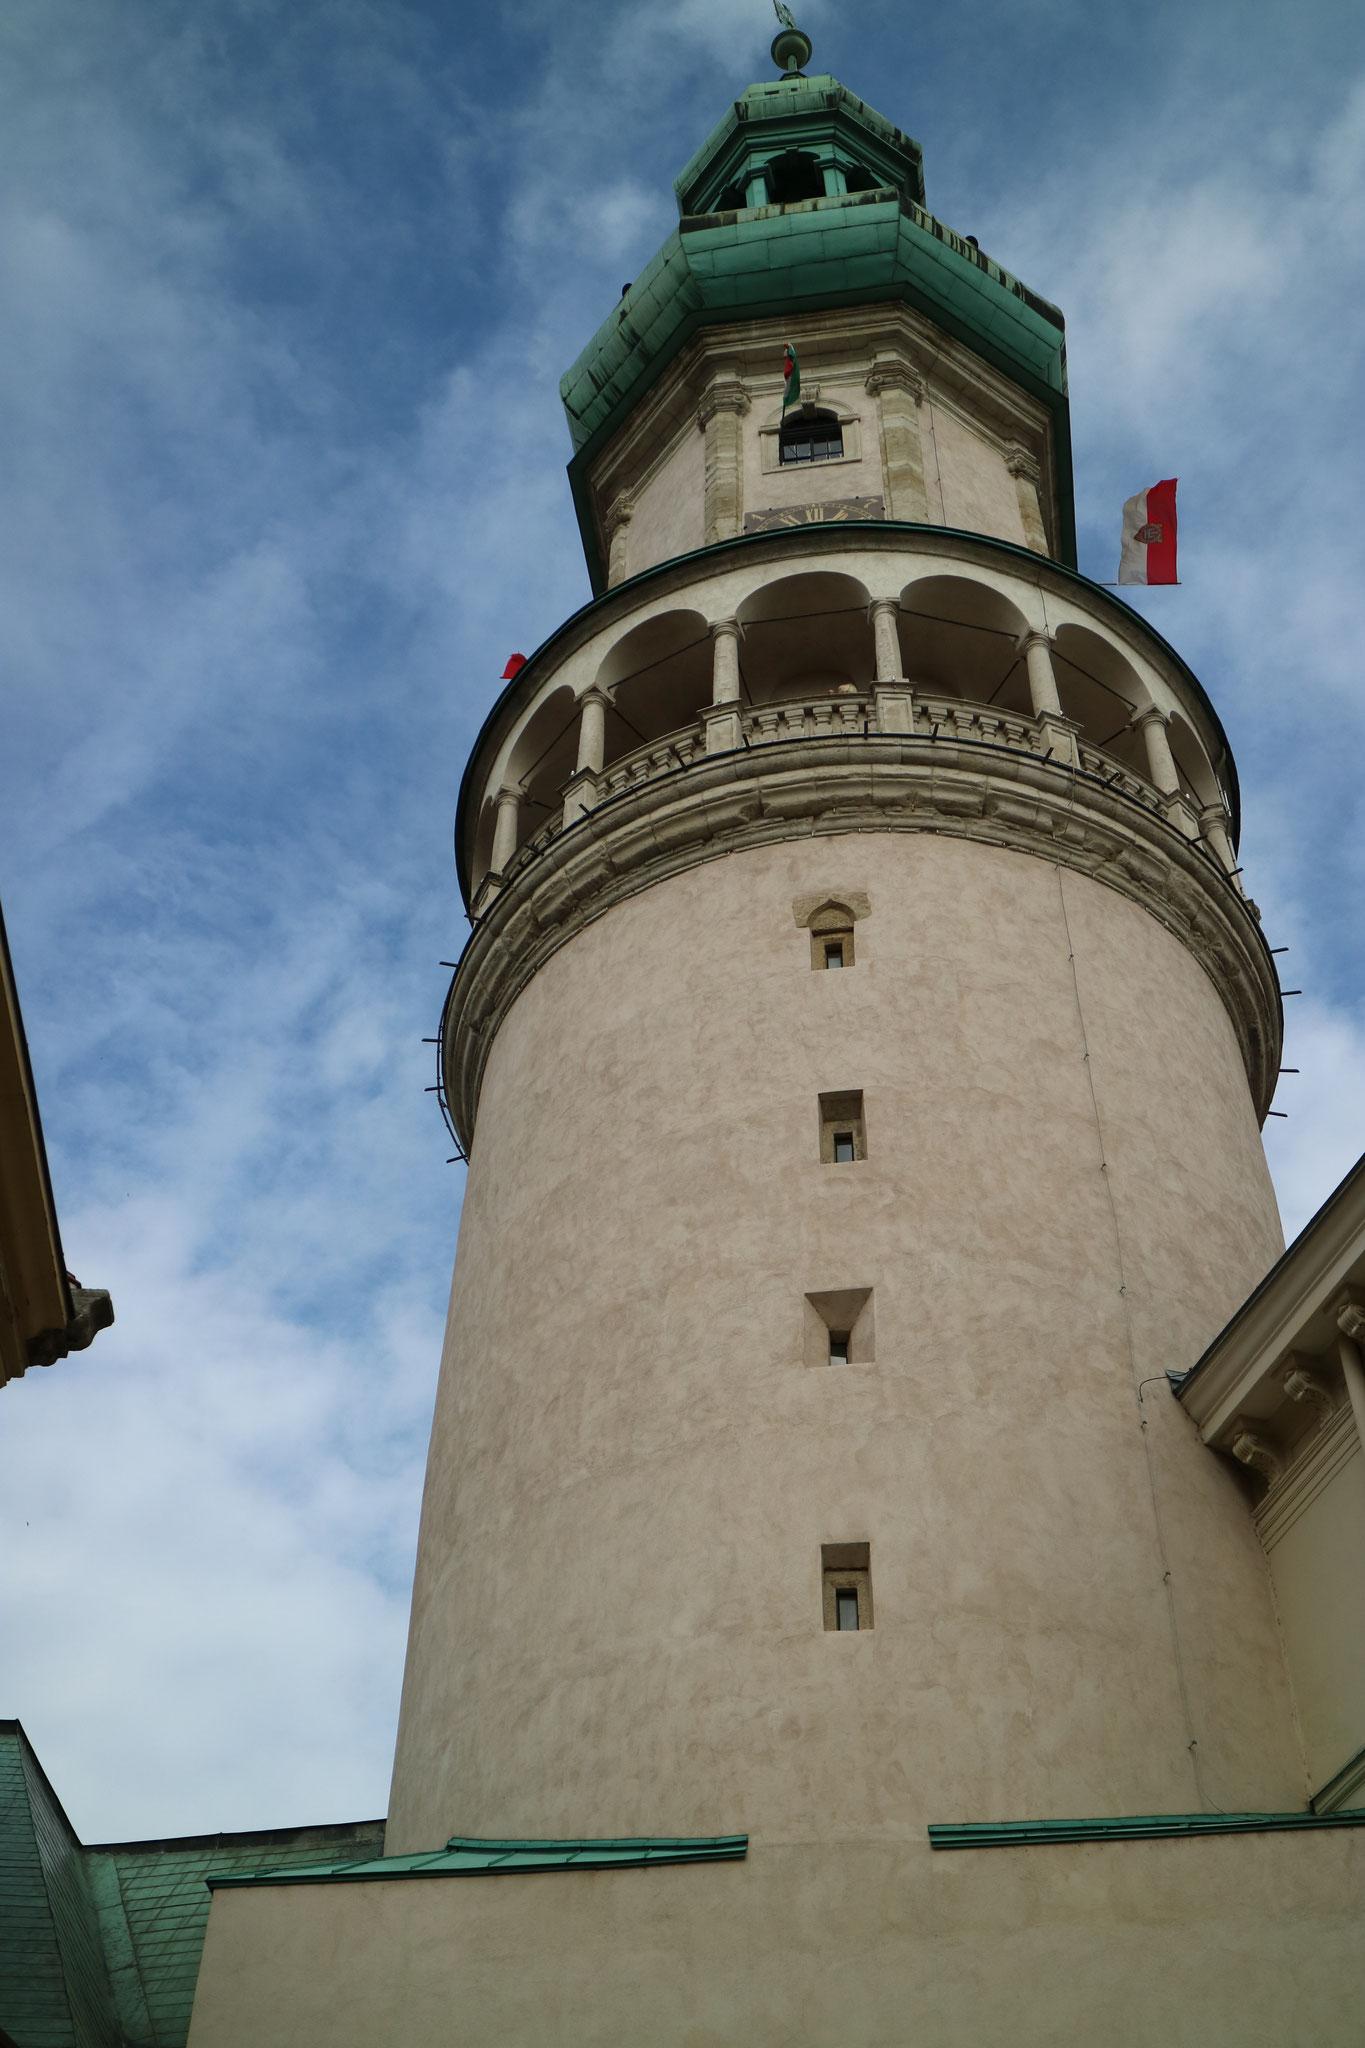 Der bekannte Feuerturm der Stadt Sopron mit einem guten Überblick